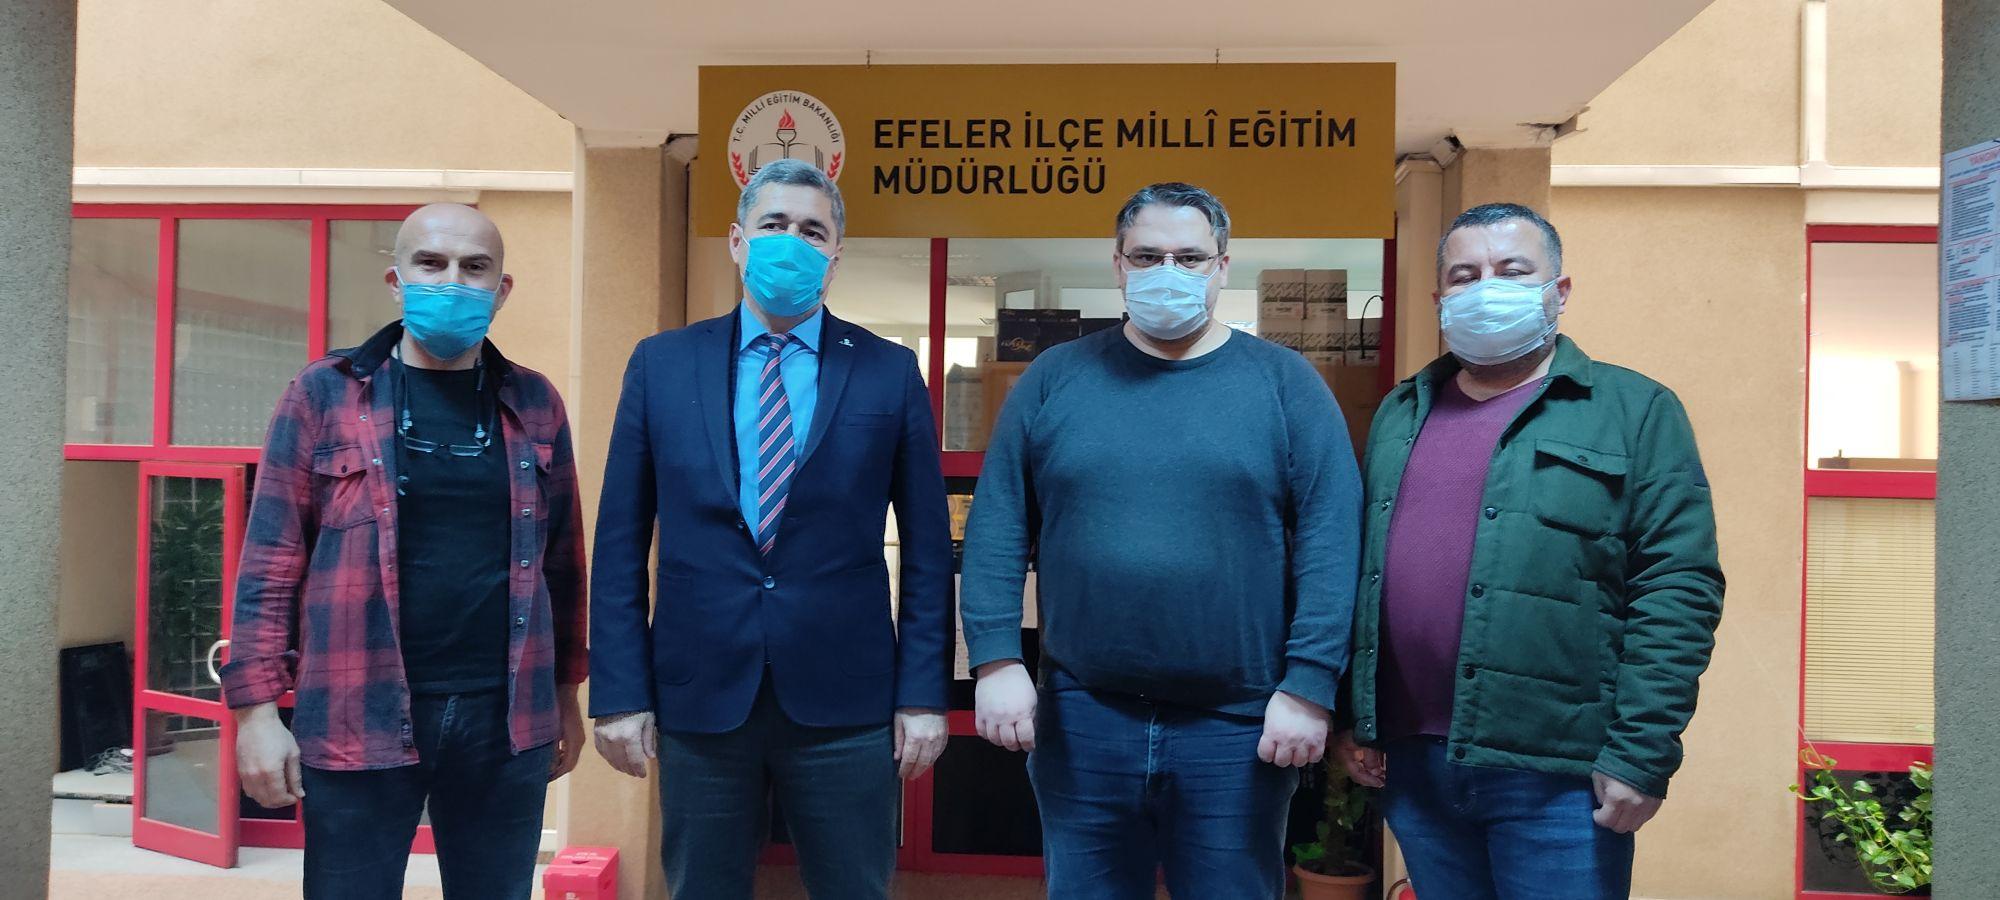 Prof. Dr. Murat Yılmaz'ın Projesi Avrupa Birliği Tarafından Desteklenecek